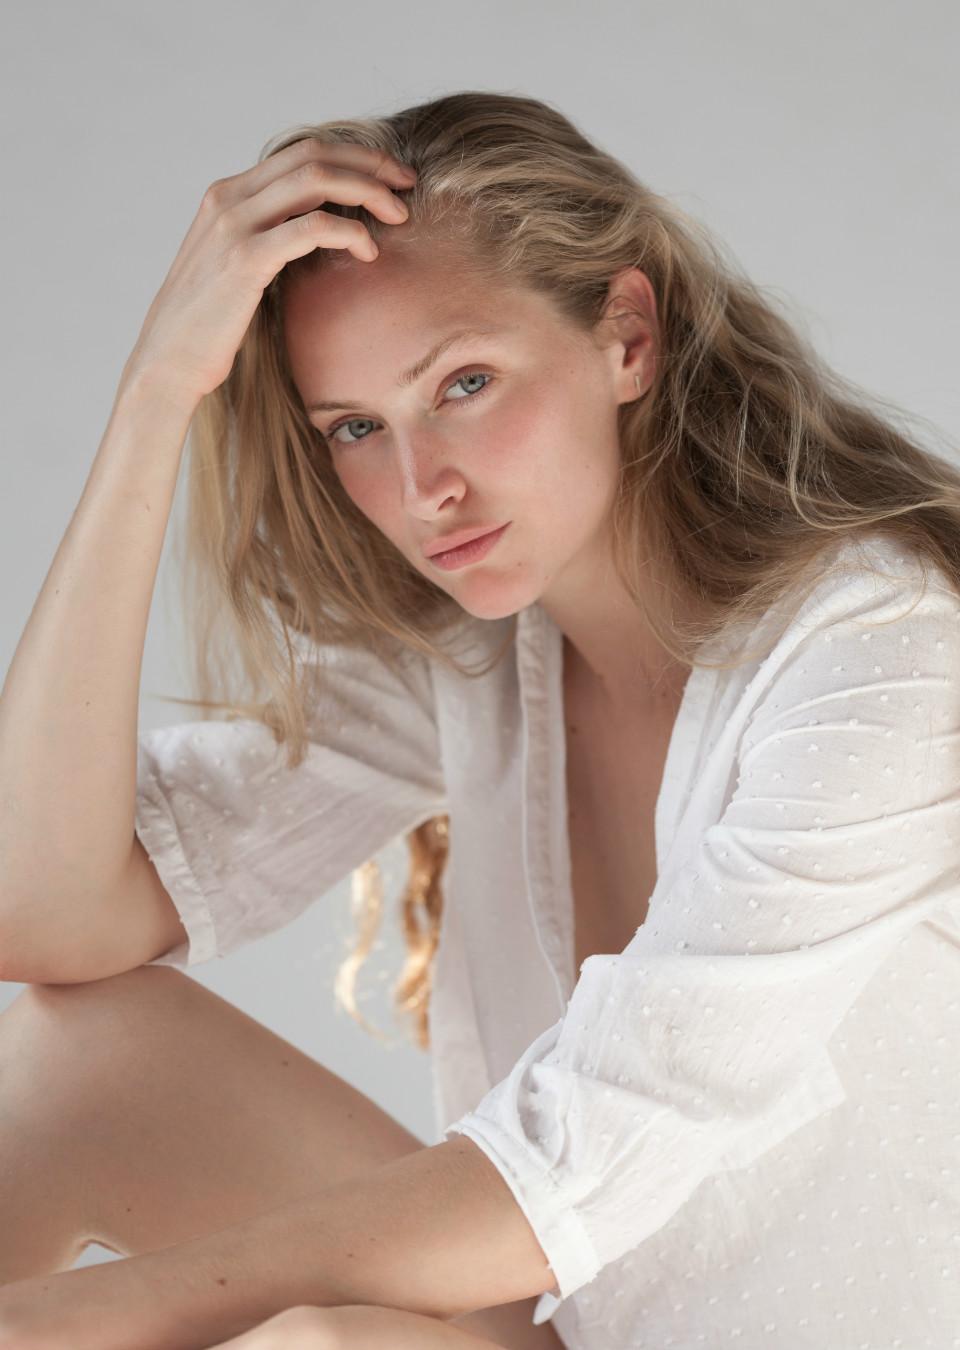 Women Max Models